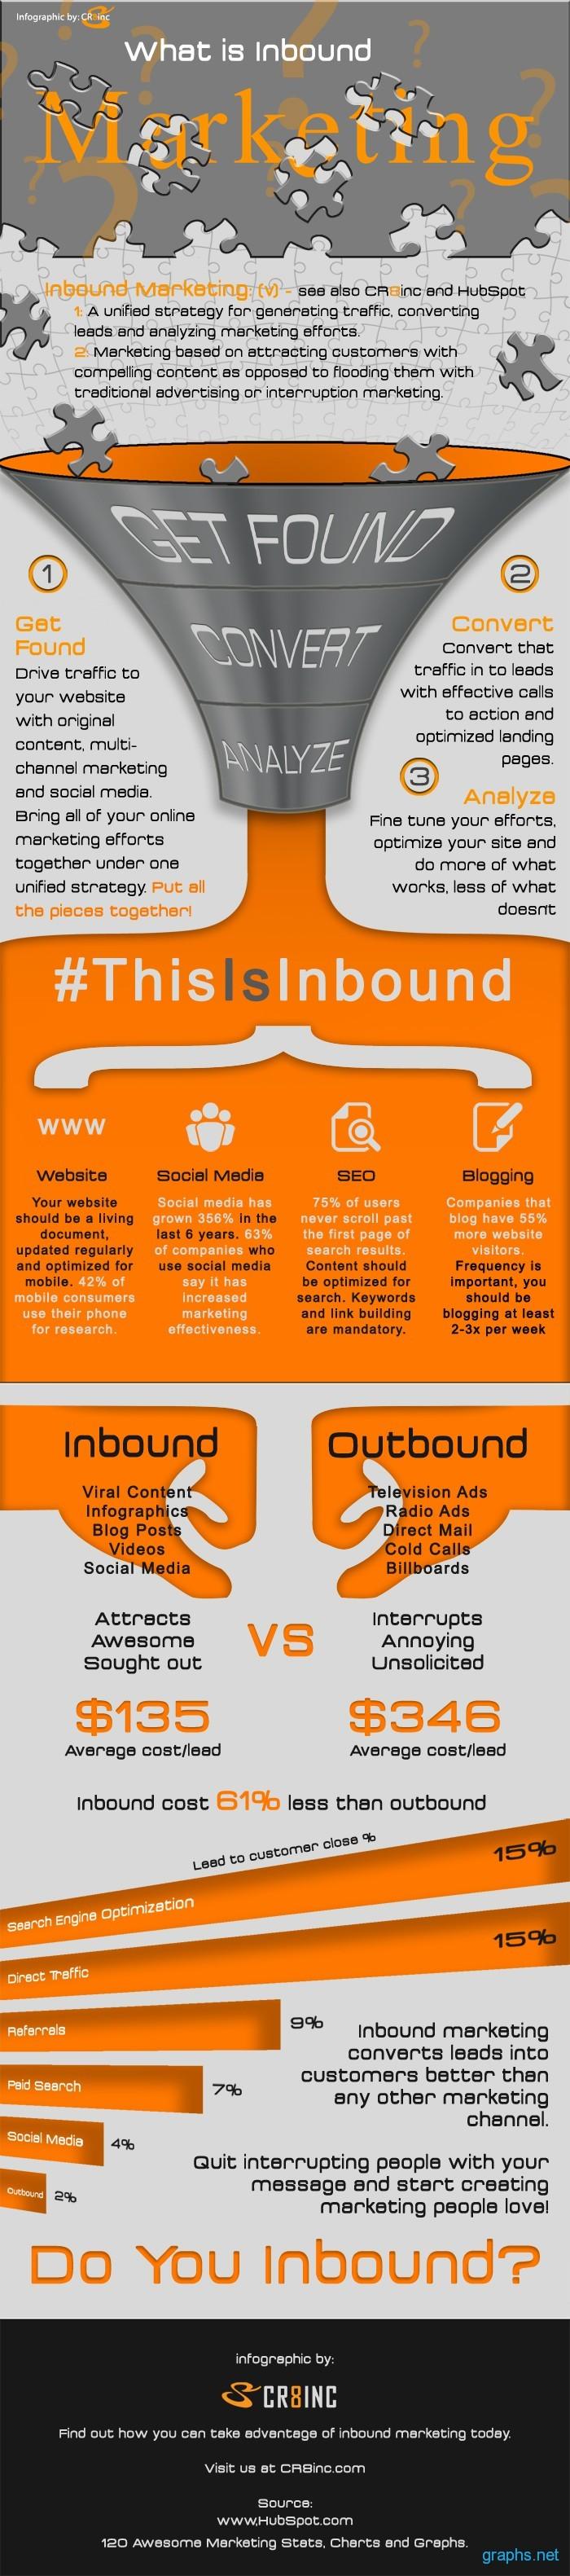 Inbound Marketing Information